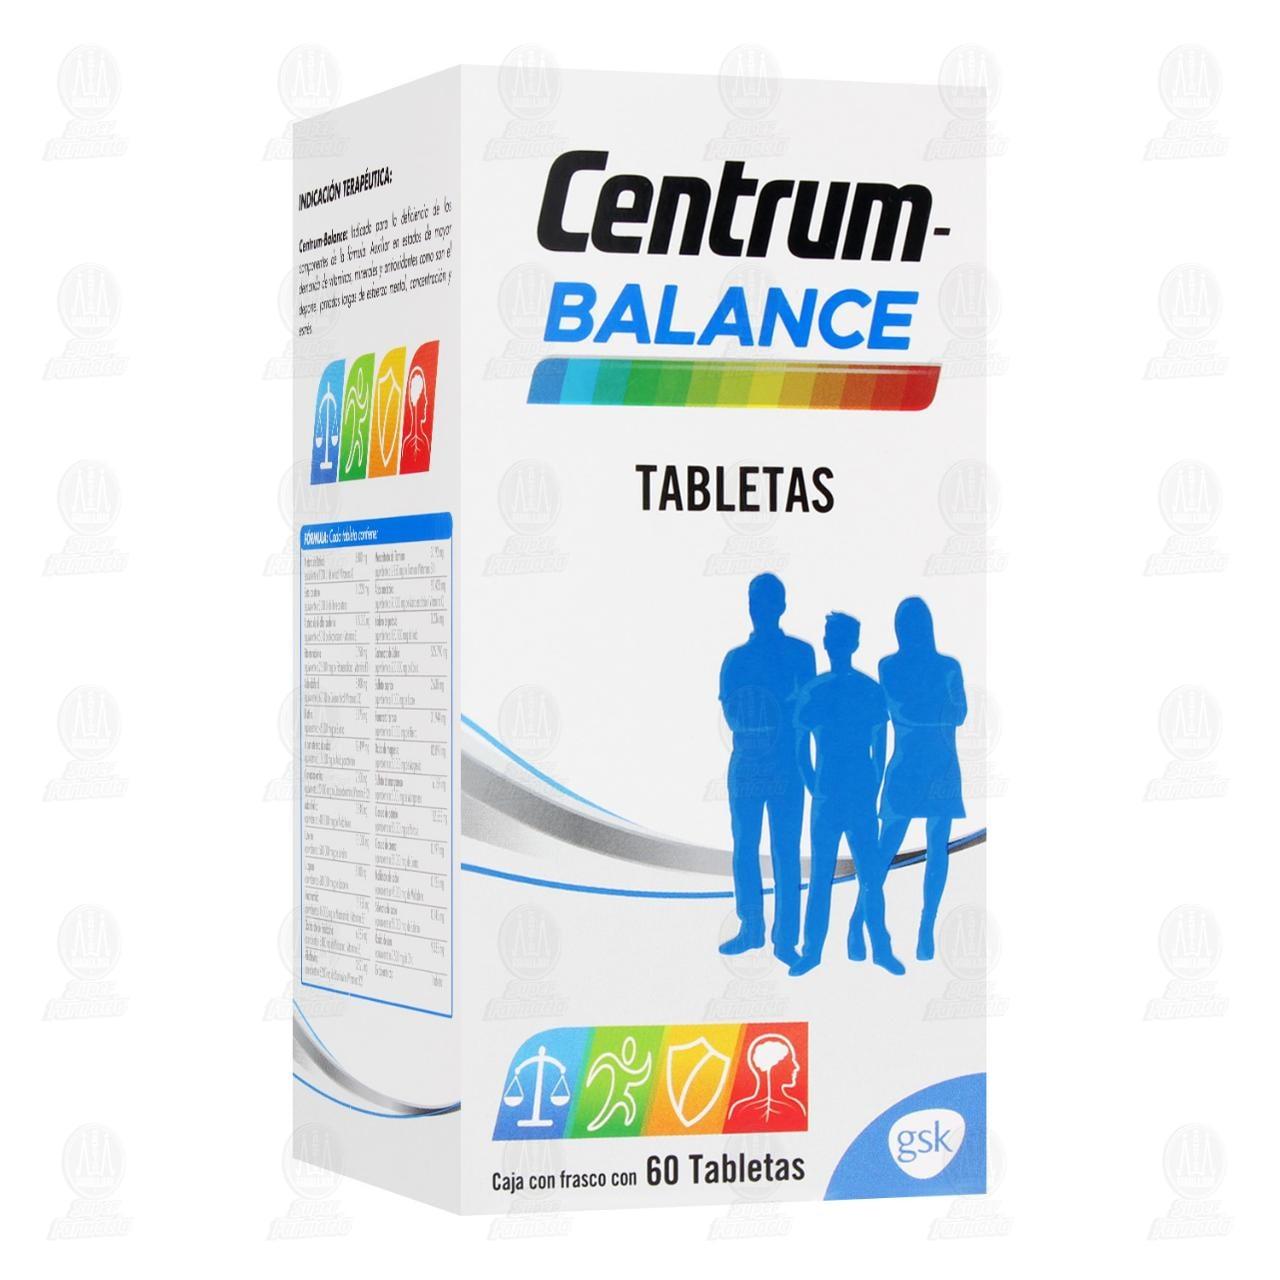 Comprar Centrum Balance 60 Tabletas en Farmacias Guadalajara